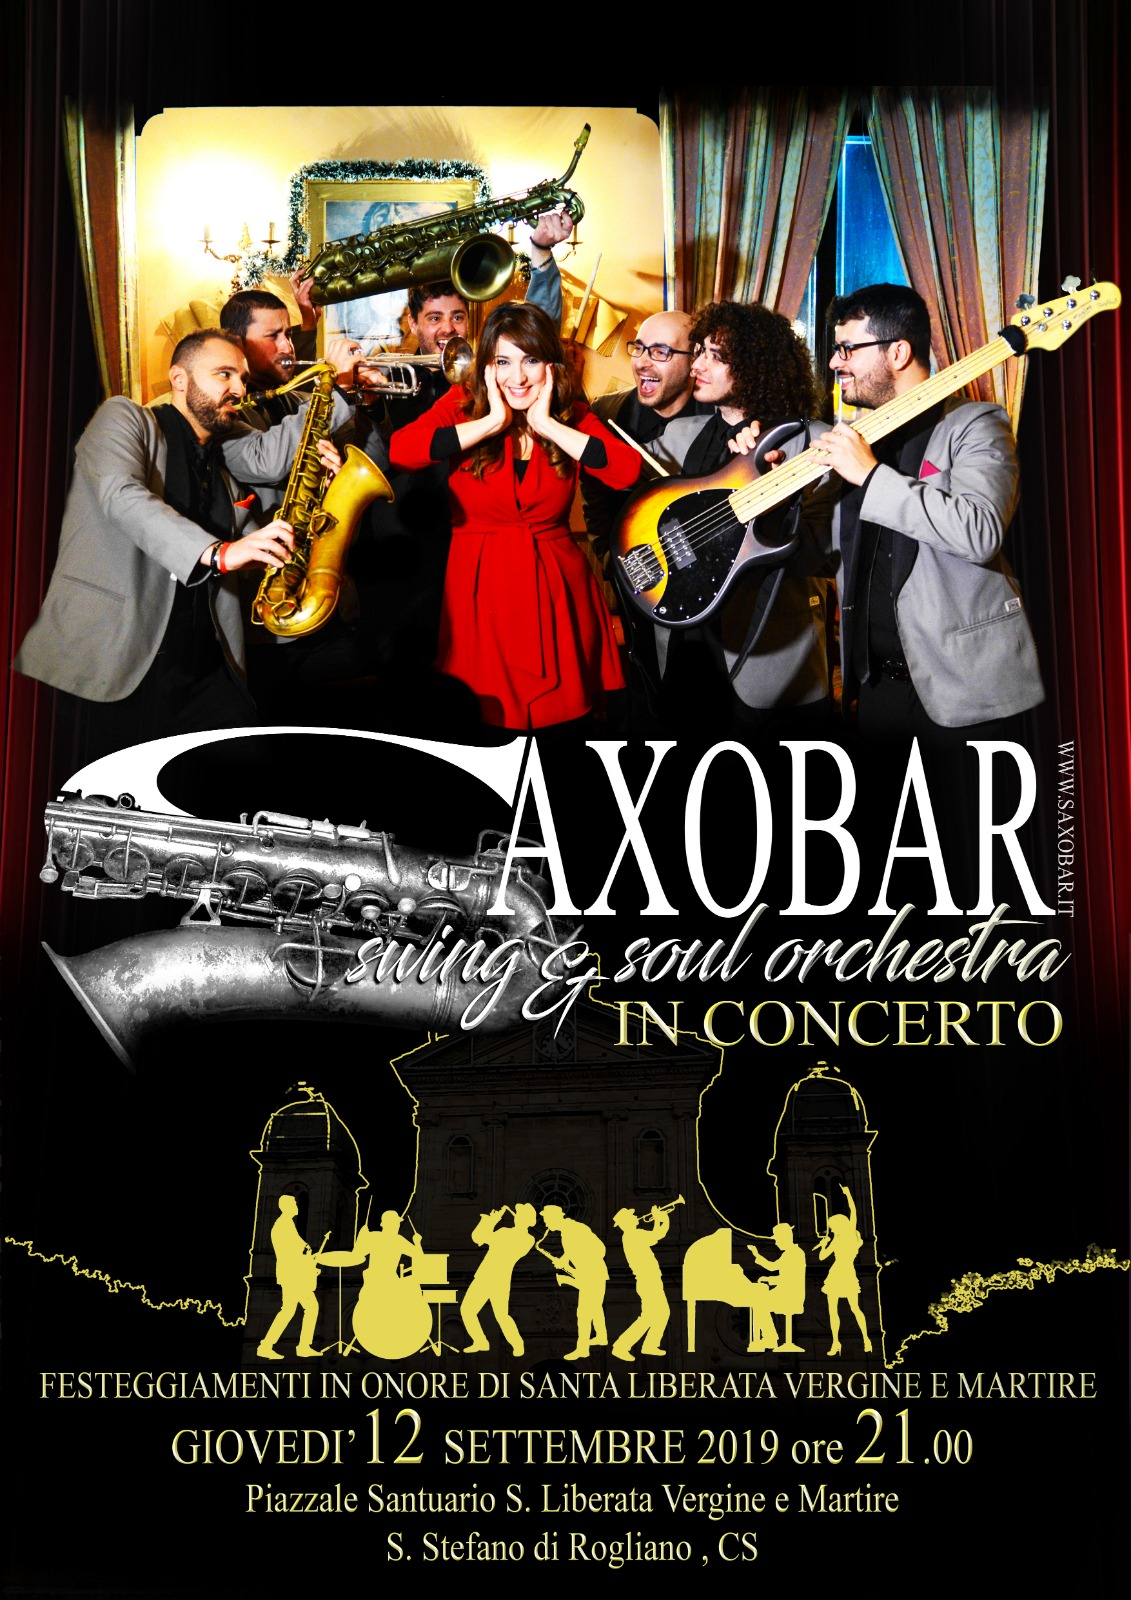 Saxobar gruppo di piazza Rogliano